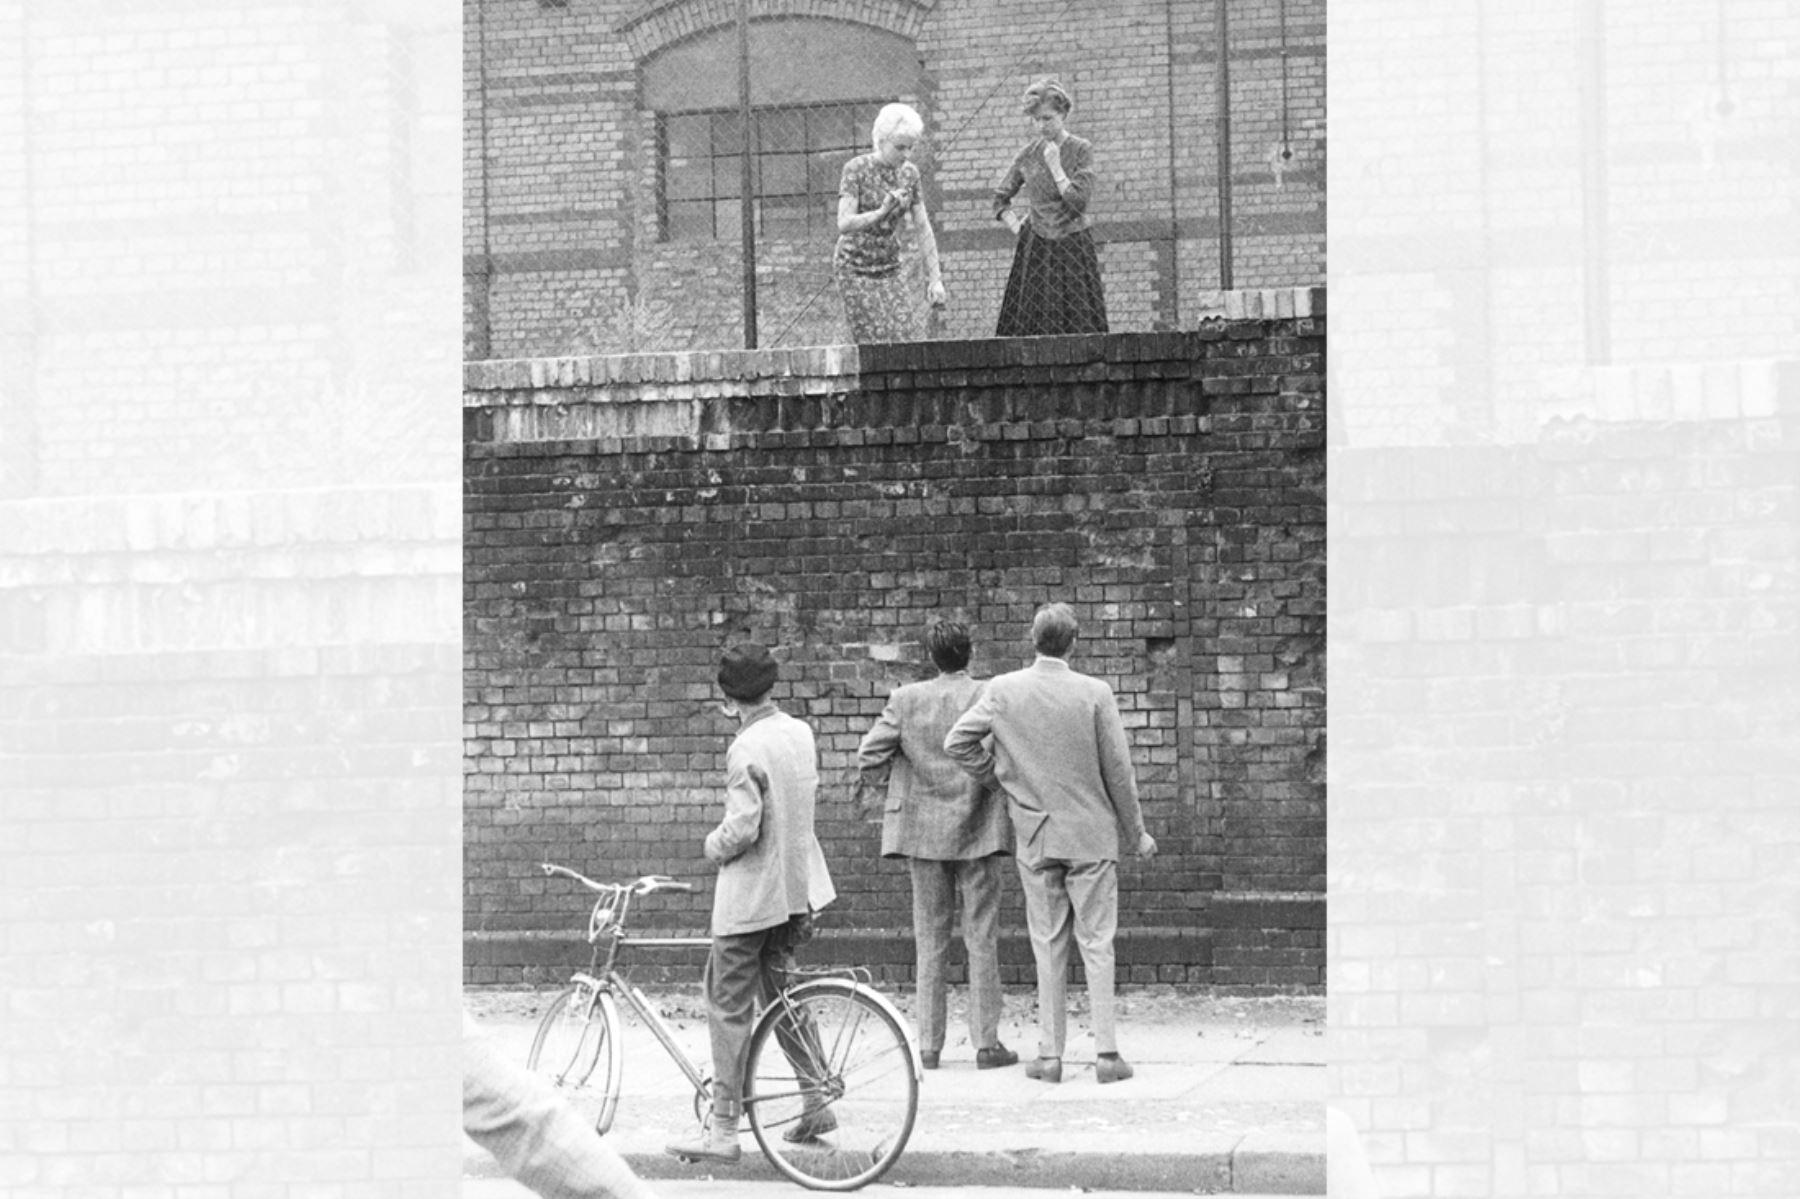 Una imagen  tomada el 26 de agosto de 1961 muestra a dos hombres en el lado oeste del muro de Berlín conversando con sus amigas detrás de una cerca en la estación de tren Stettiner Bahnhof. Foto: AFP